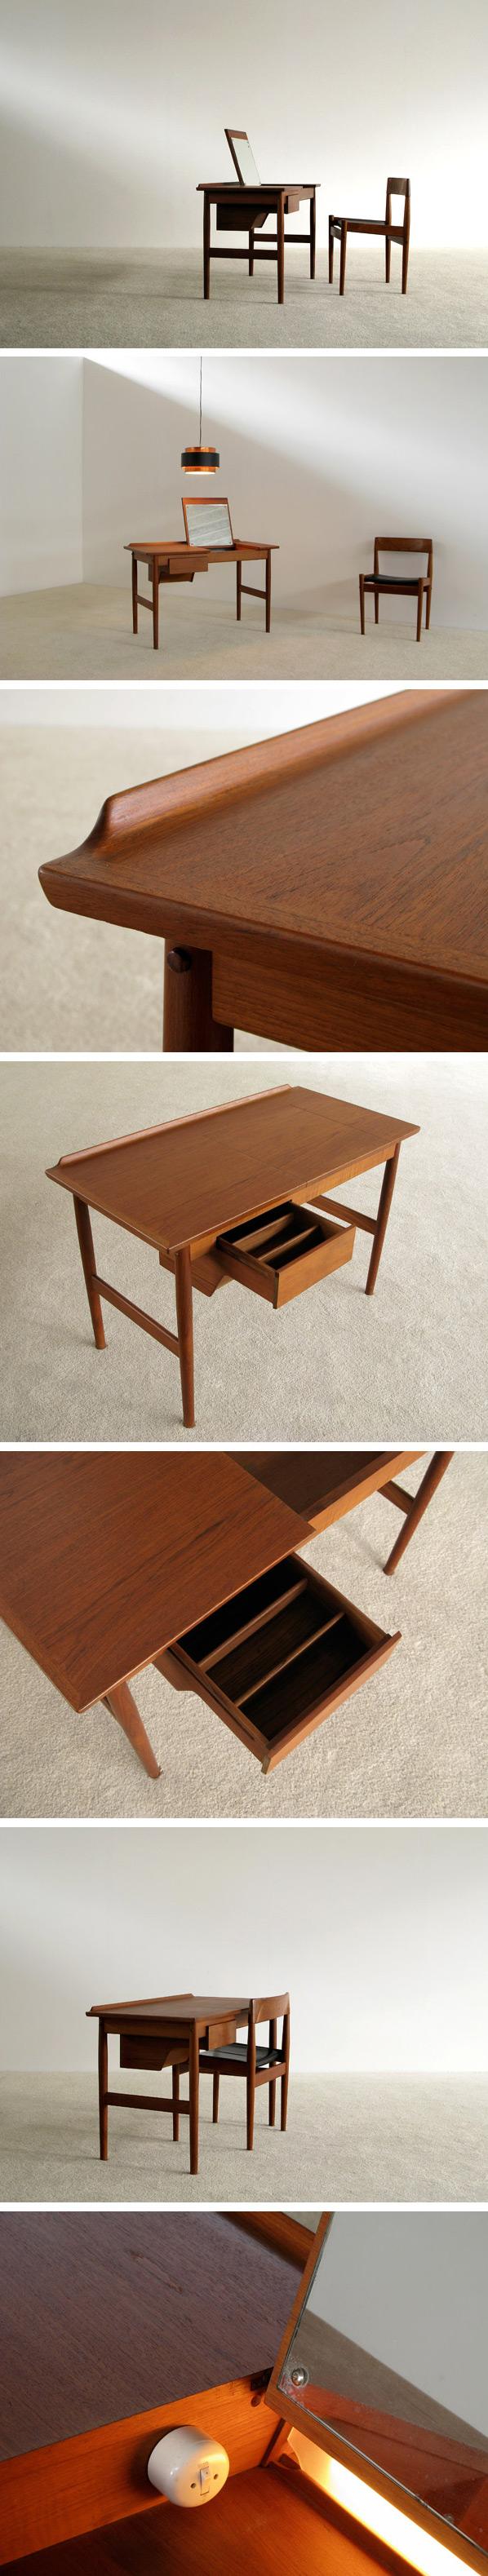 Arne Vodder teak Make Up table Sibast Denmark Large